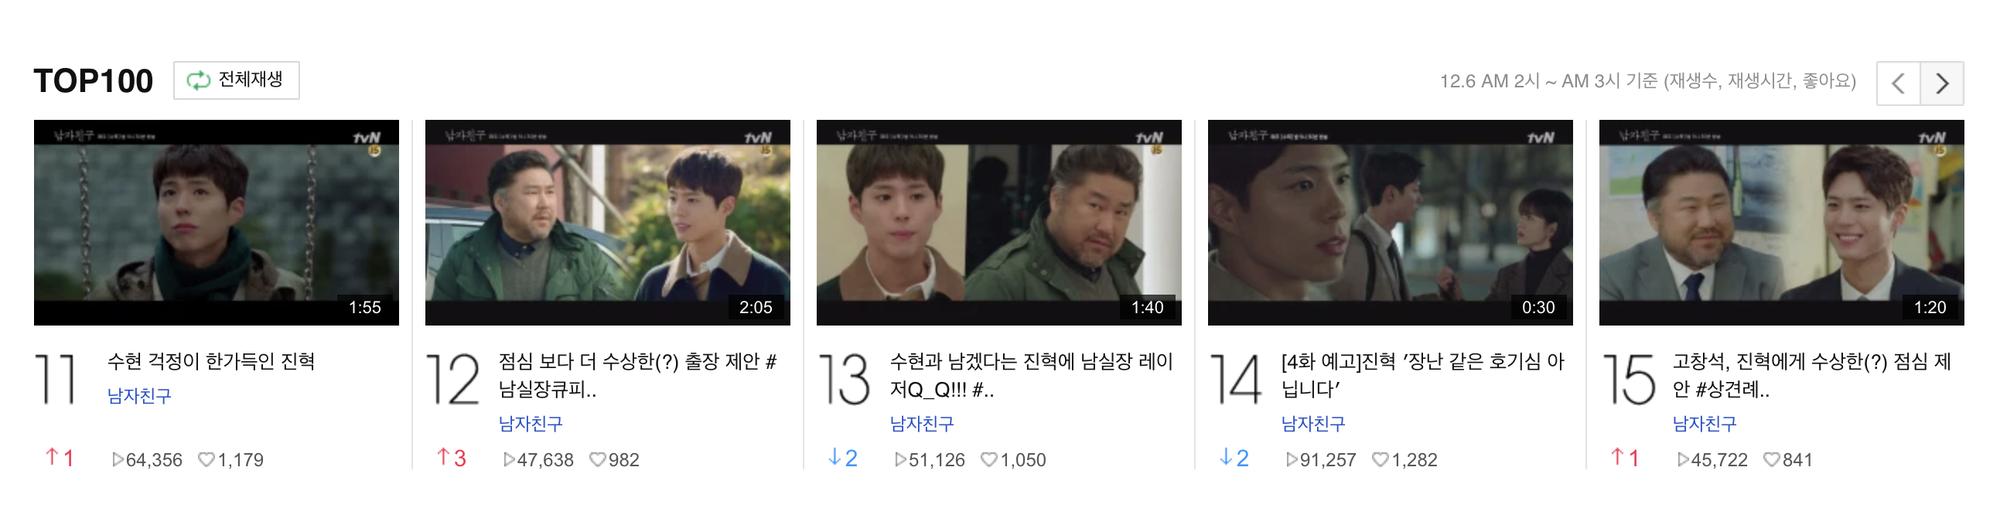 """Rating của """"Encounter"""" giảm nhẹ ngay cả khi Park Bo Gum nói nhớ Song Hye Kyo - Ảnh 7."""